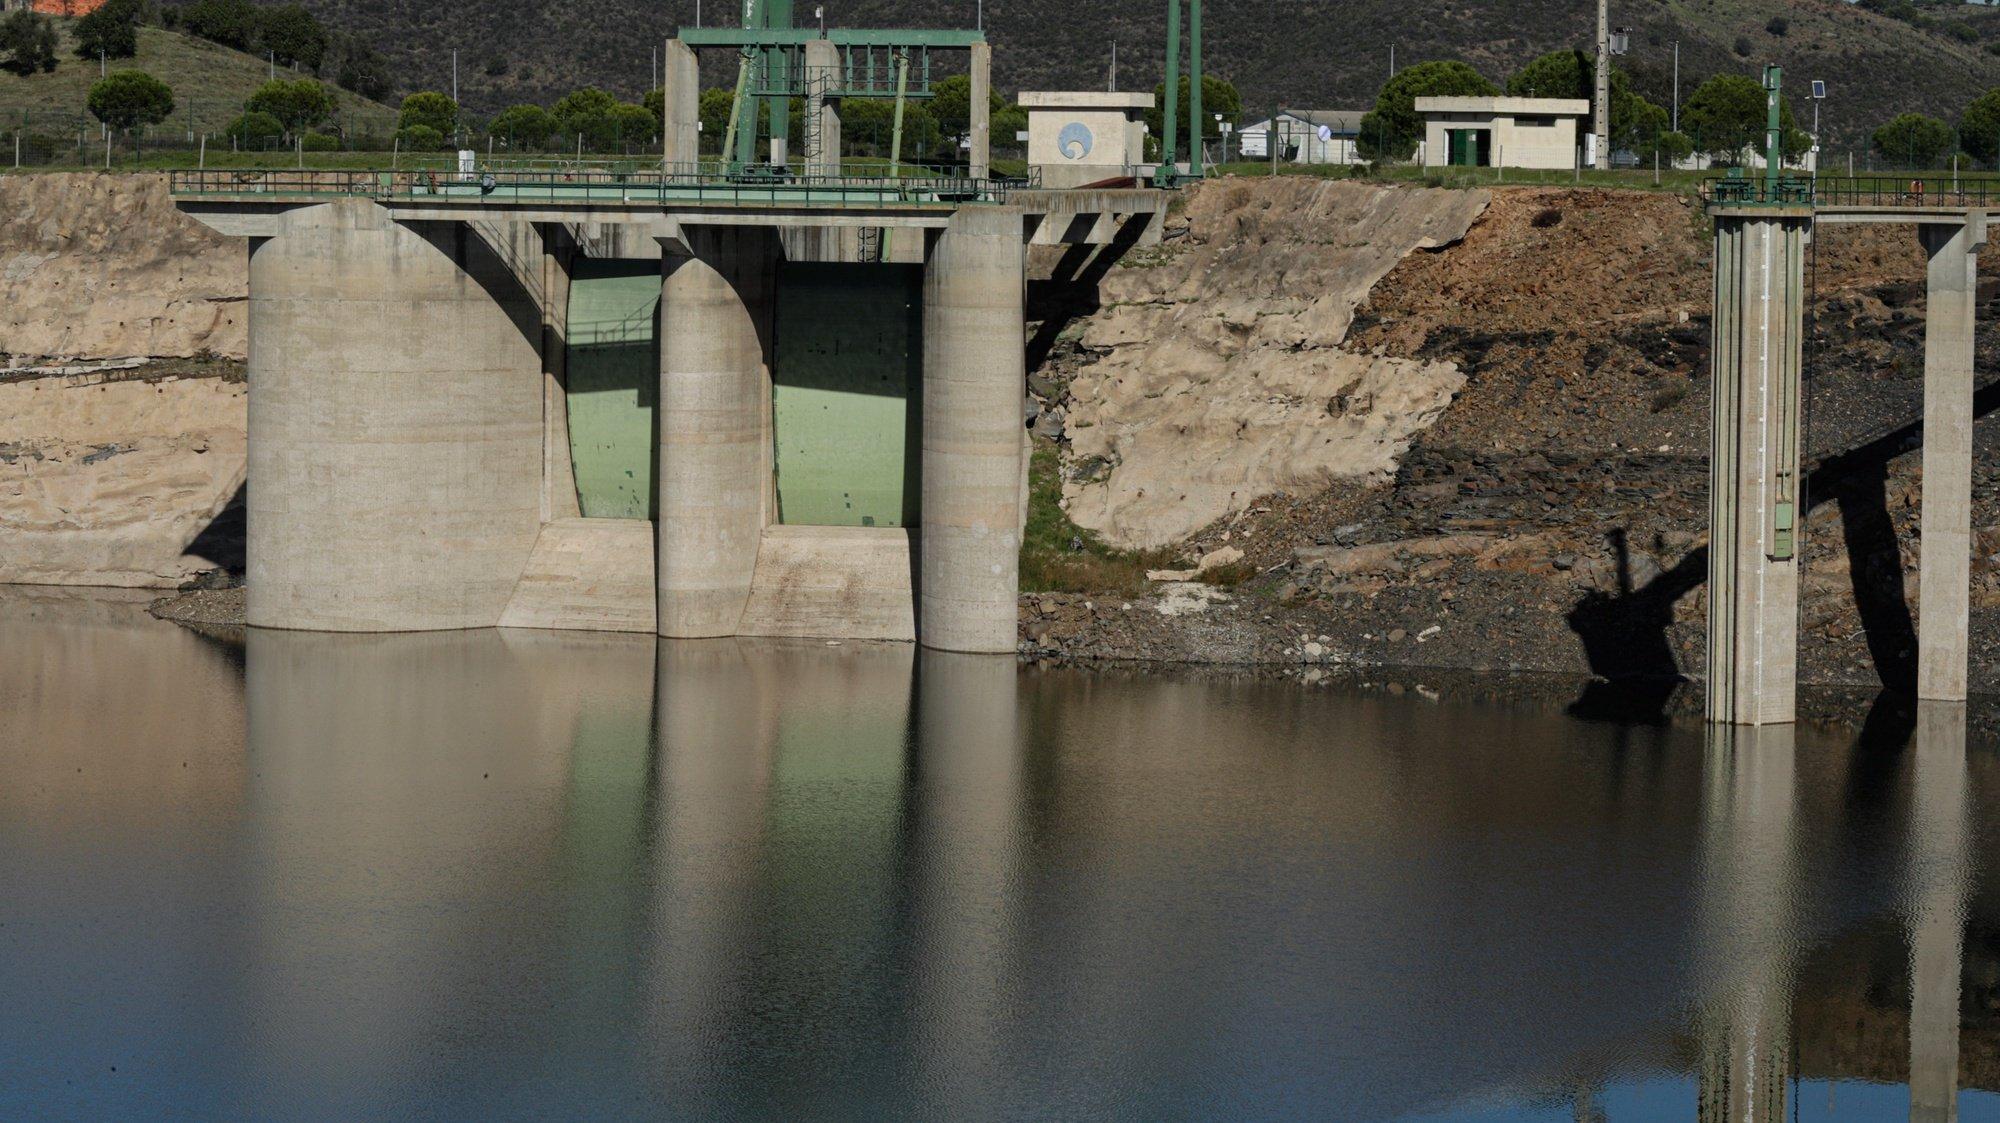 Falta de chuva no Algarve com a Barragem de Odeleite no barlavento algarvio com níveis minimos de água, Castro Marim, 23 de novembro de 2020. A chuva que caiu em outubro e novembro no Algarve aliviou alguma da pressão sobre os agricultores, mas não afastou a possibilidade de racionamento da água das barragens para a agricultura, hipótese que preocupa os agricultores. (ACOMPANHA TEXTO DE 3/12/2020) LUÍS FORRA/LUSA